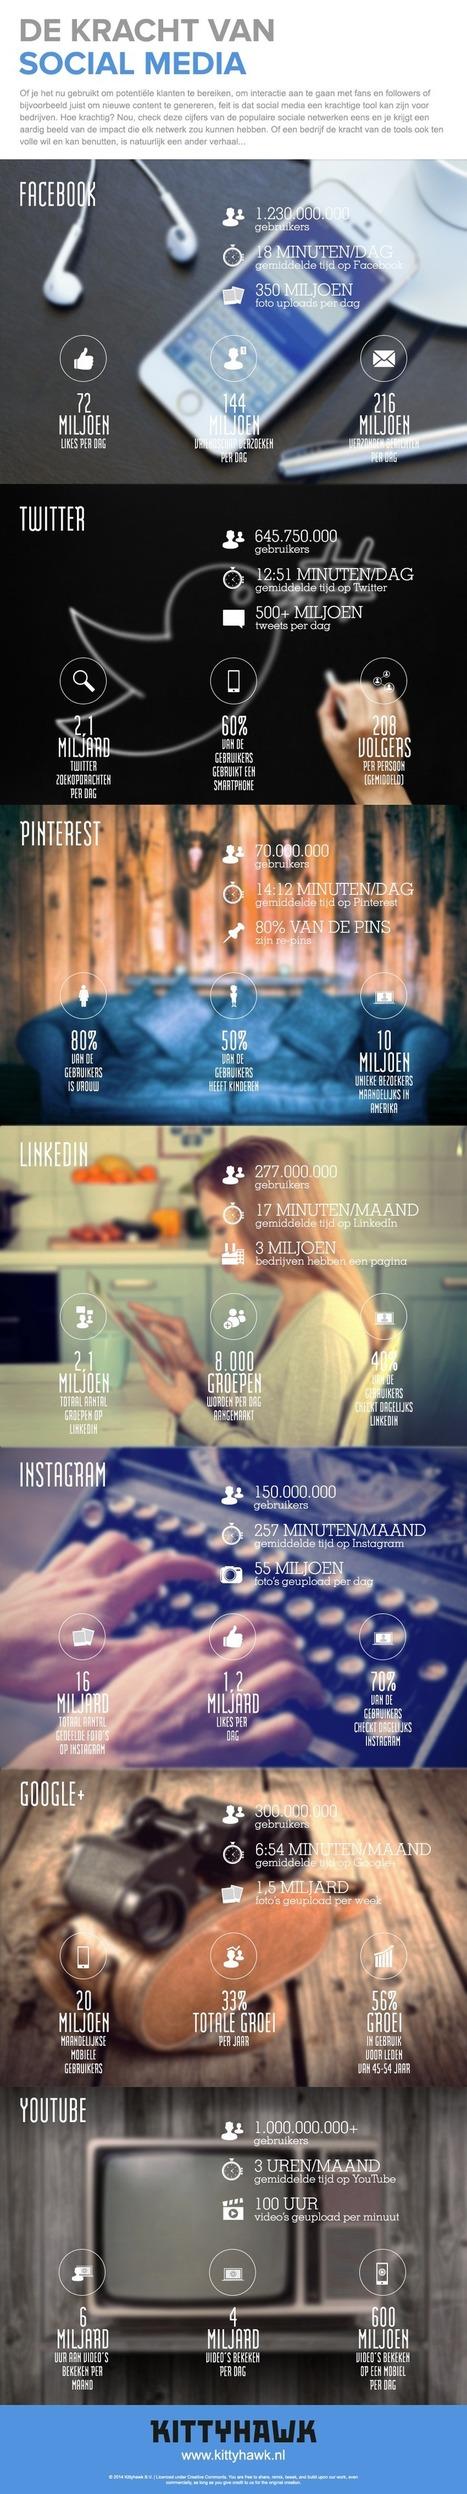 De-kracht-van-social-media-feiten-en-cijfers-op-een-rij-infographic.png (850x4540 pixels) | Rwh_at | Scoop.it